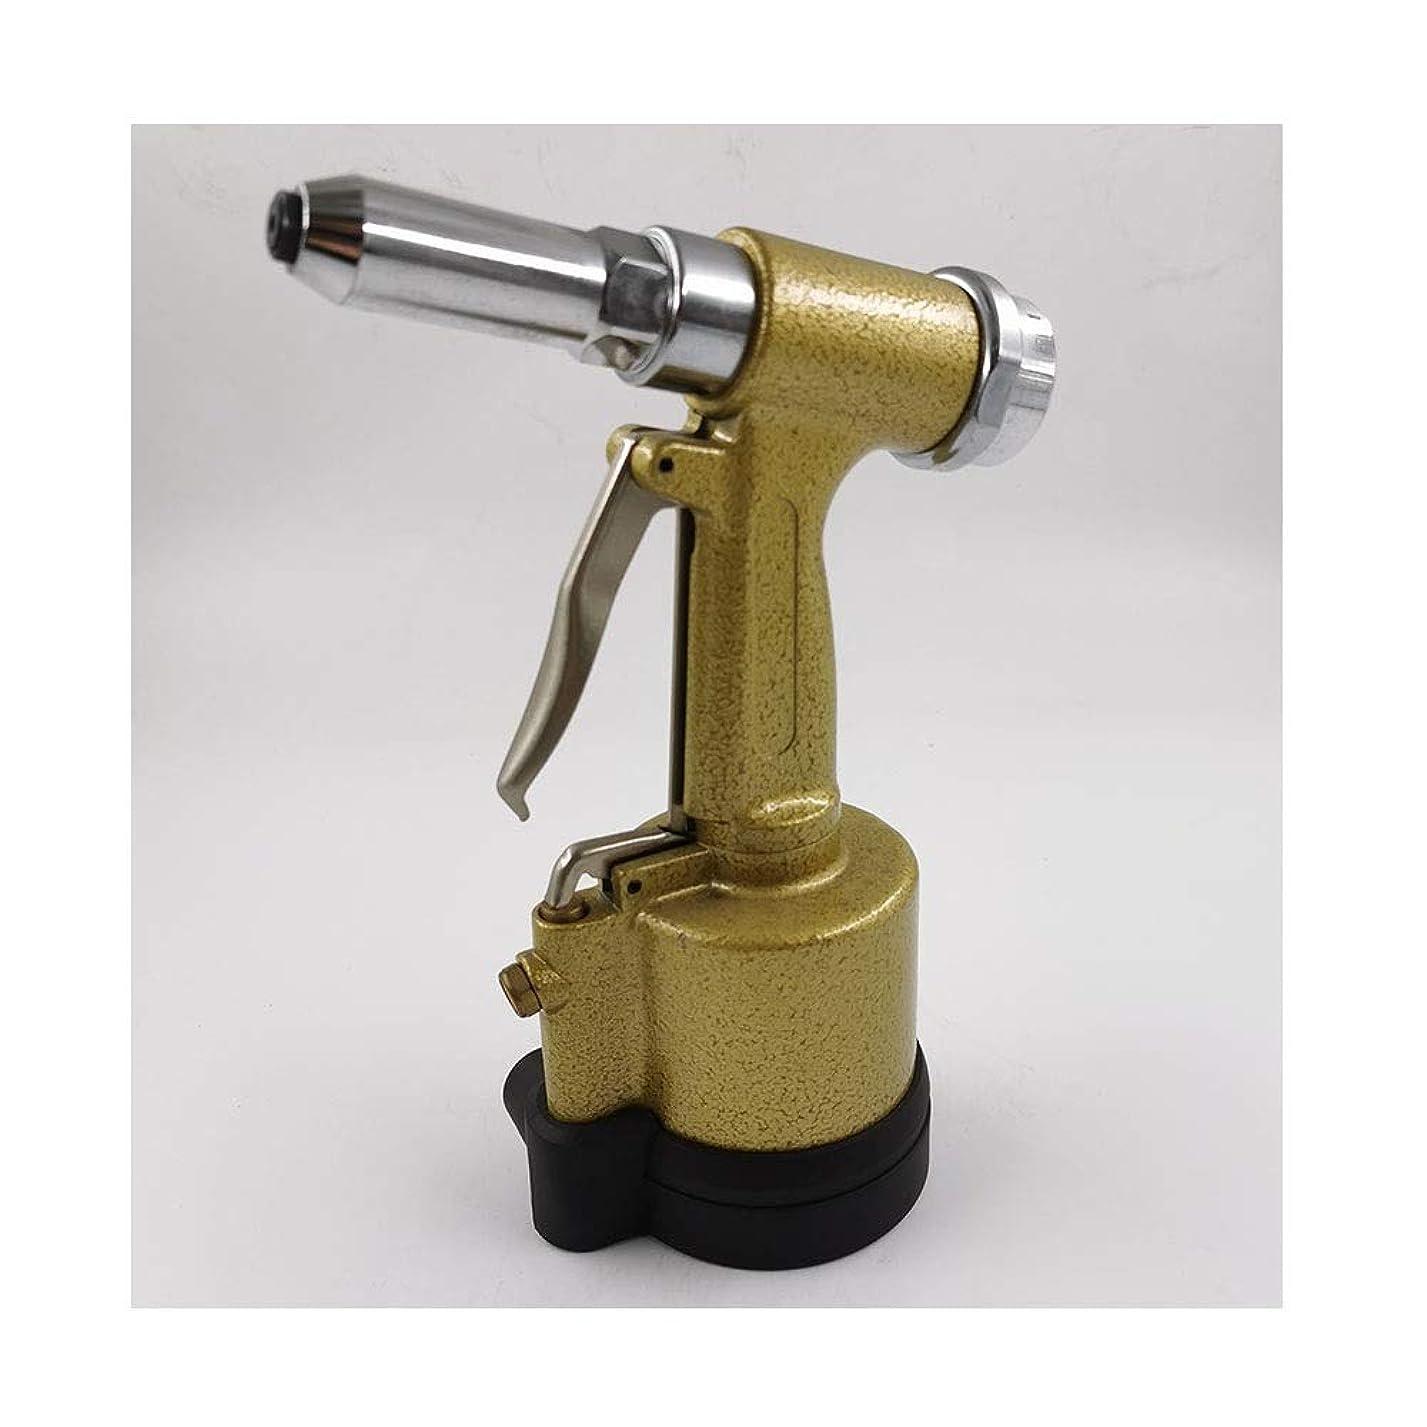 安いですクラブレンダーエアー工具 垂直リベットガン、装飾ネイルガン空気圧ツール工業用グレードハンドツール (Color : Yellow)